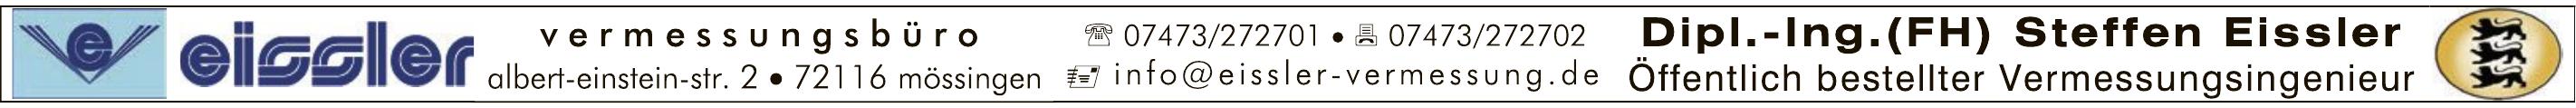 Dipl. Ing. Steffen Eissler